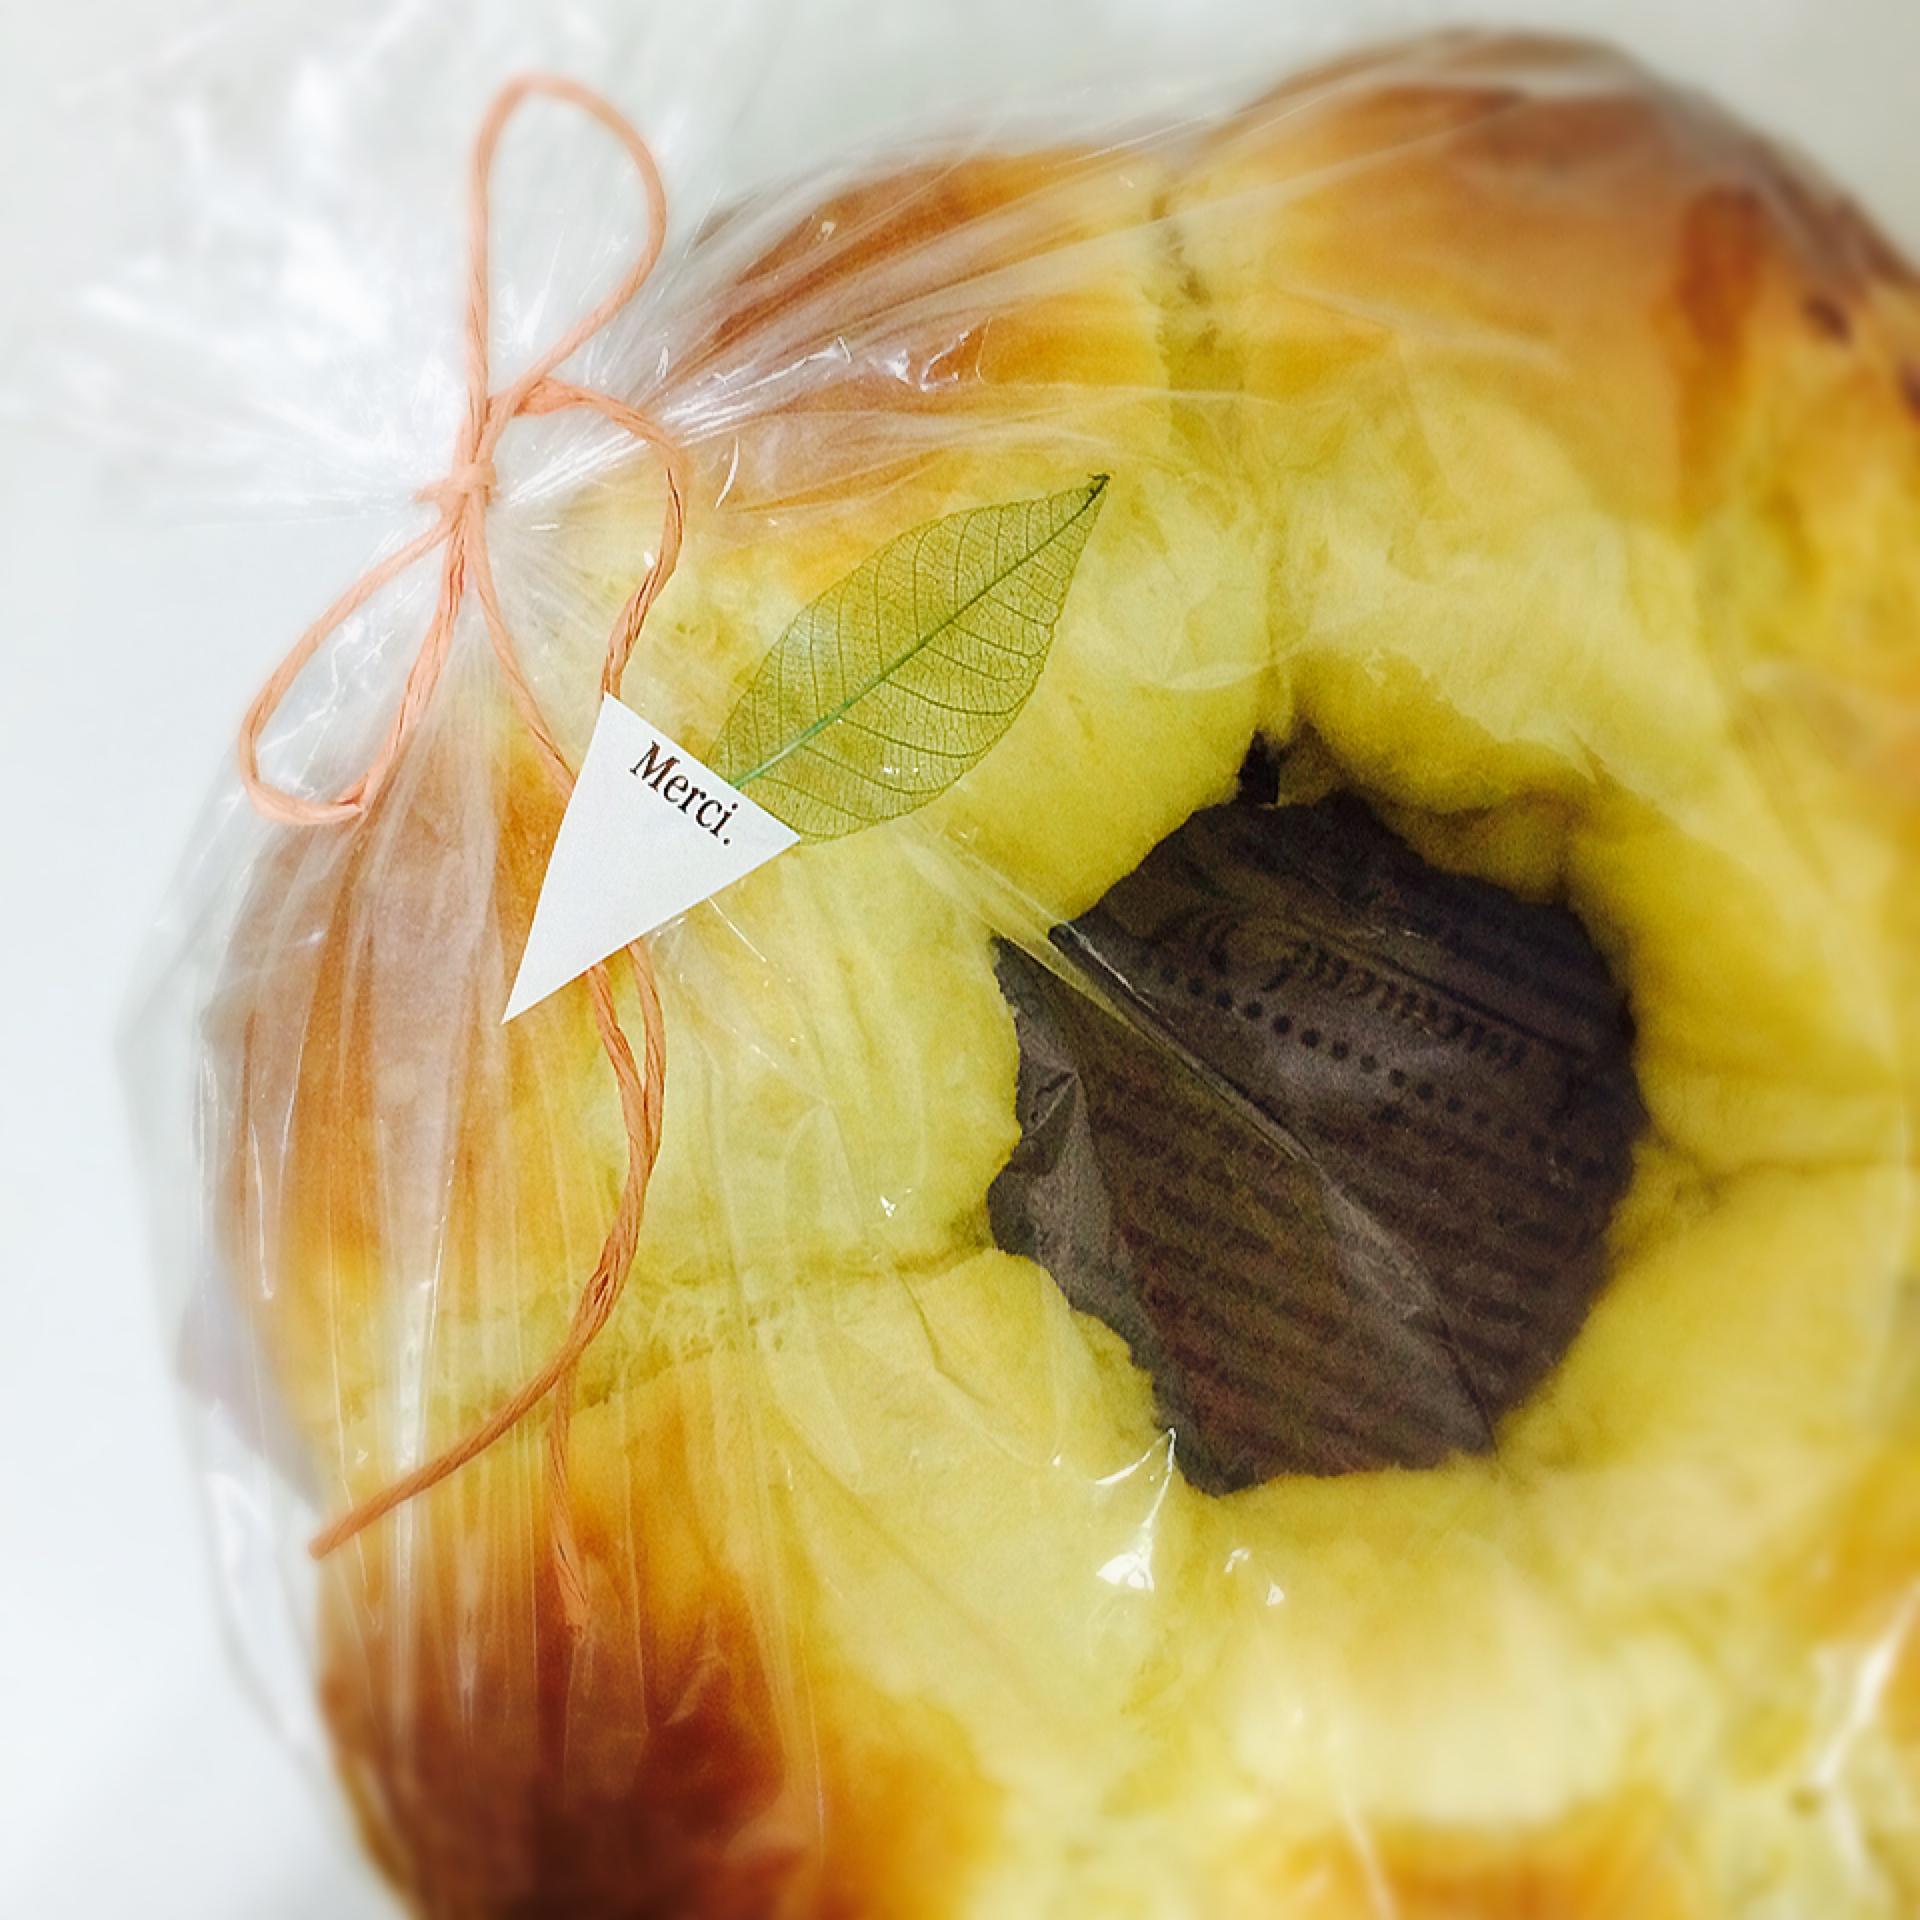 ふわふわ食感♡リッチな「ウィーン風ブリオッシュ」の作り方